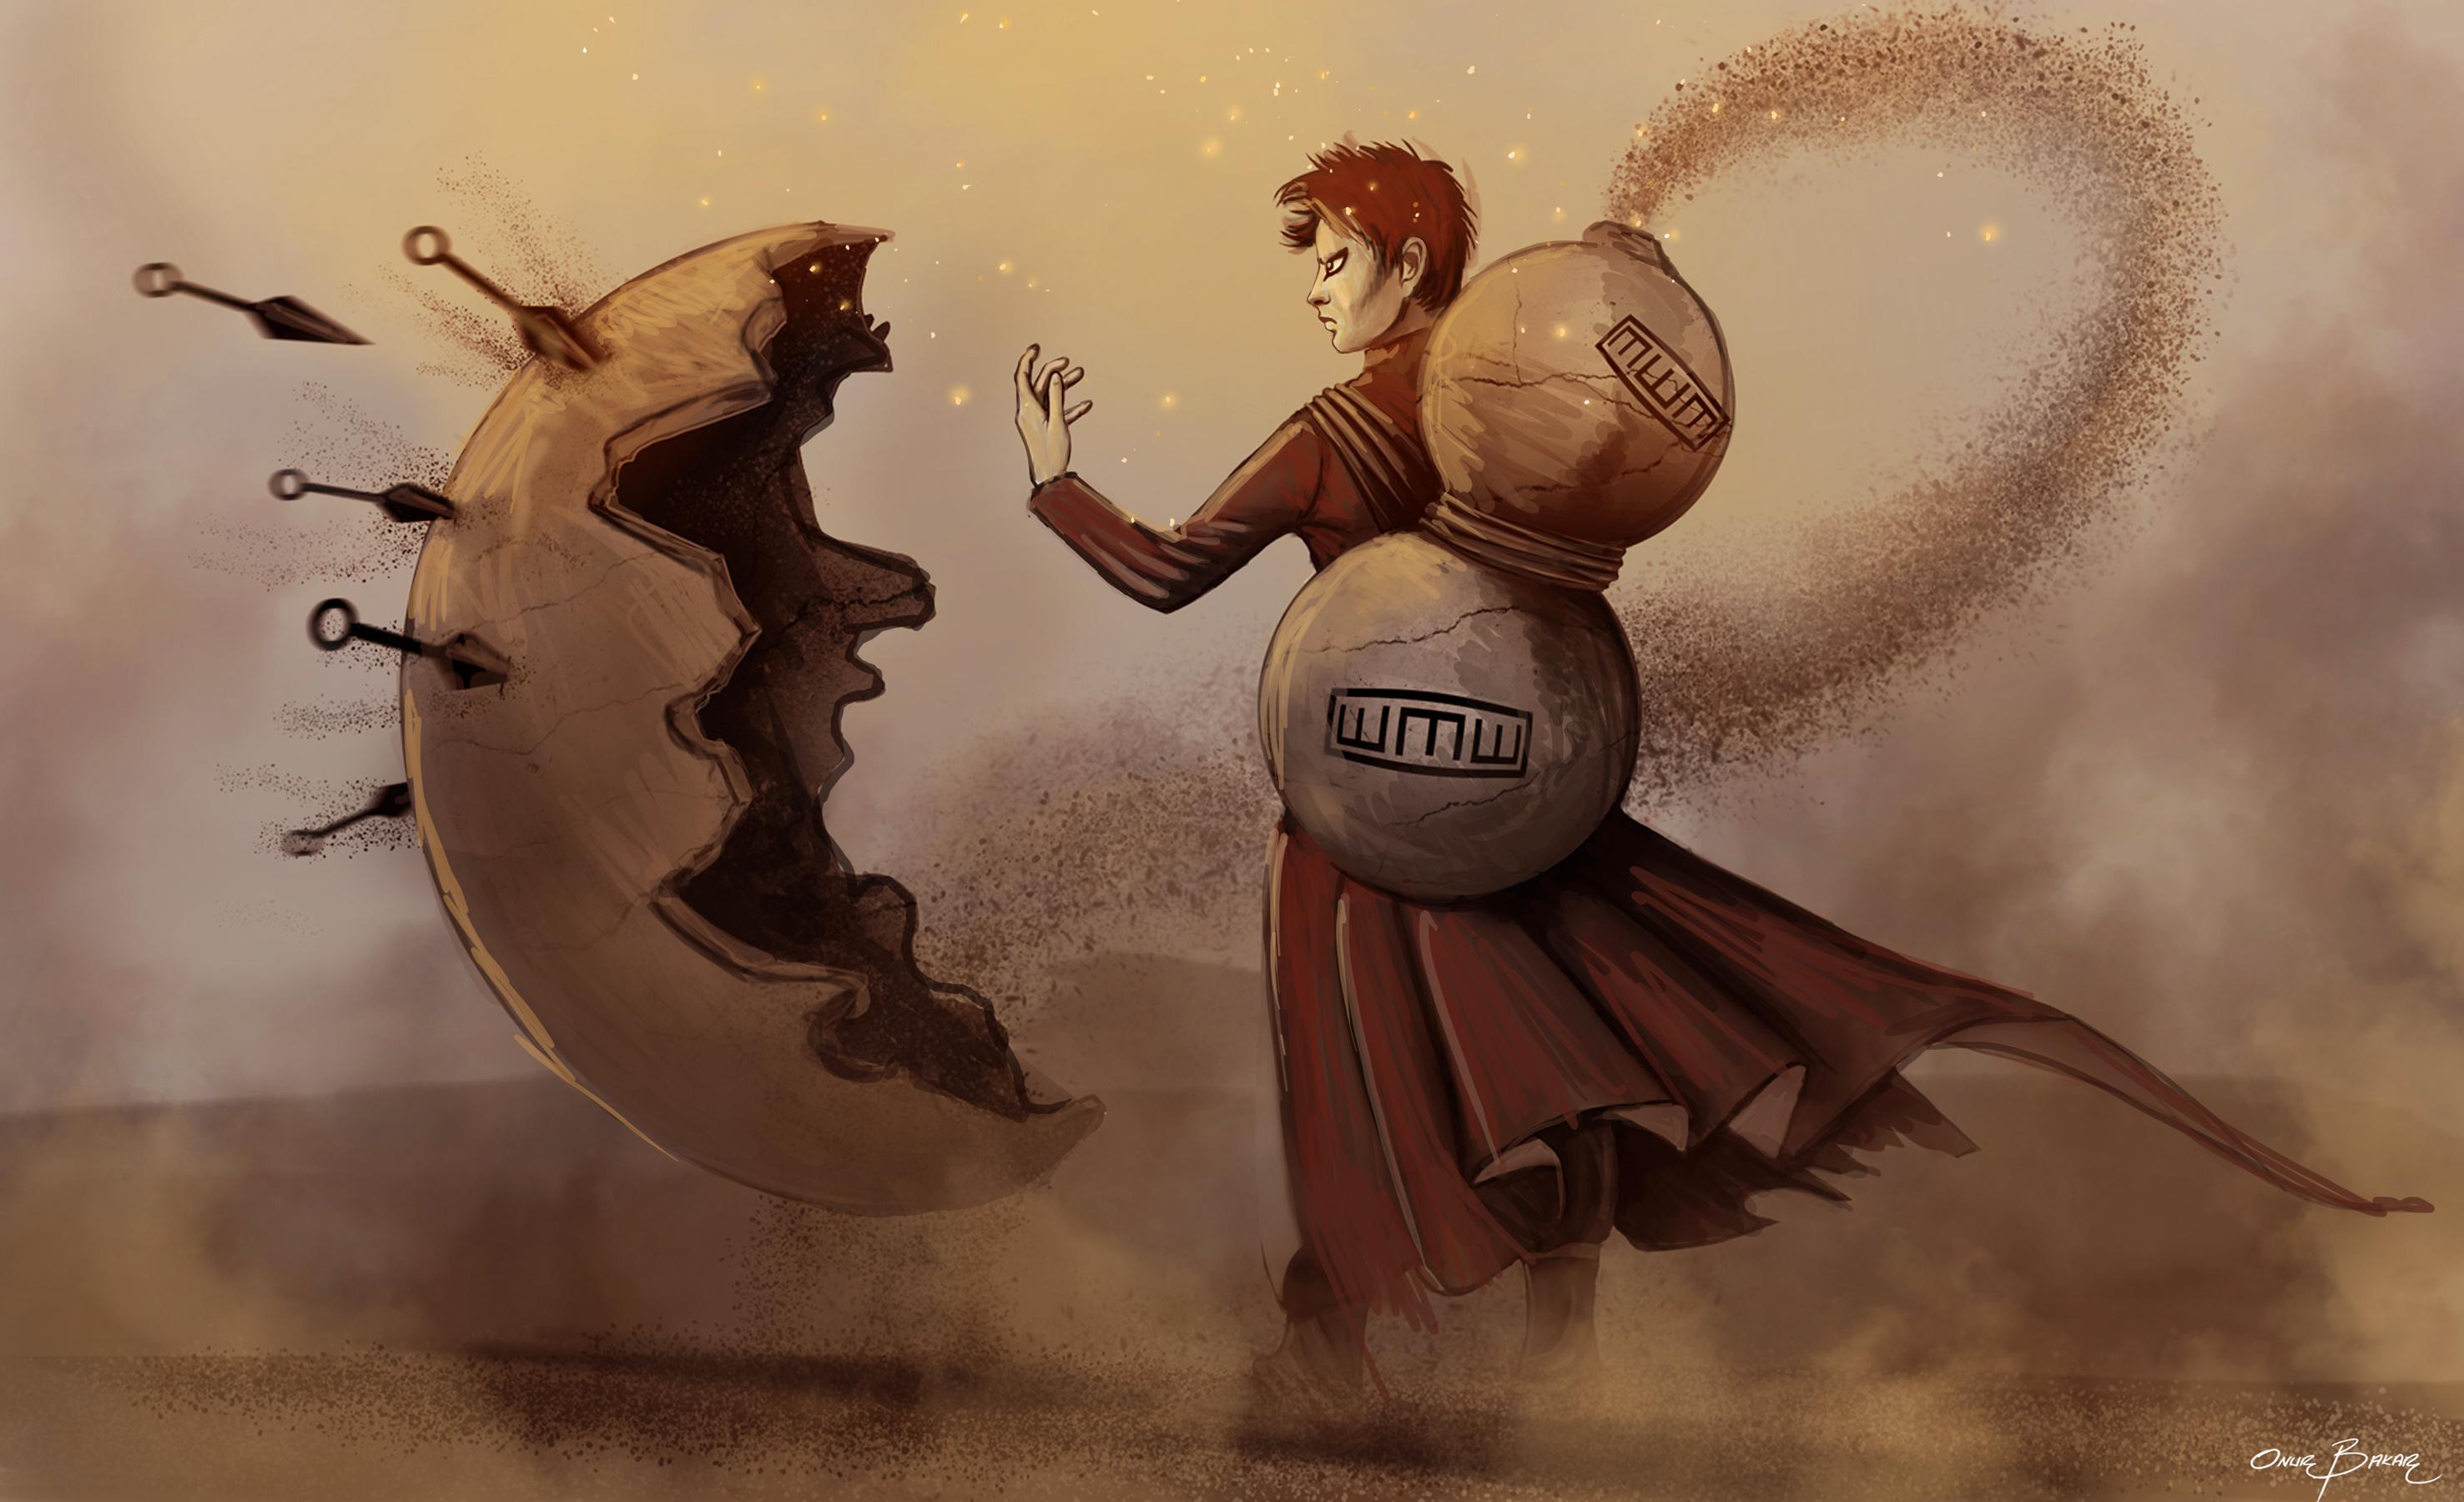 Fondos De Pantalla Ilustración Gaara Mitología Naruto